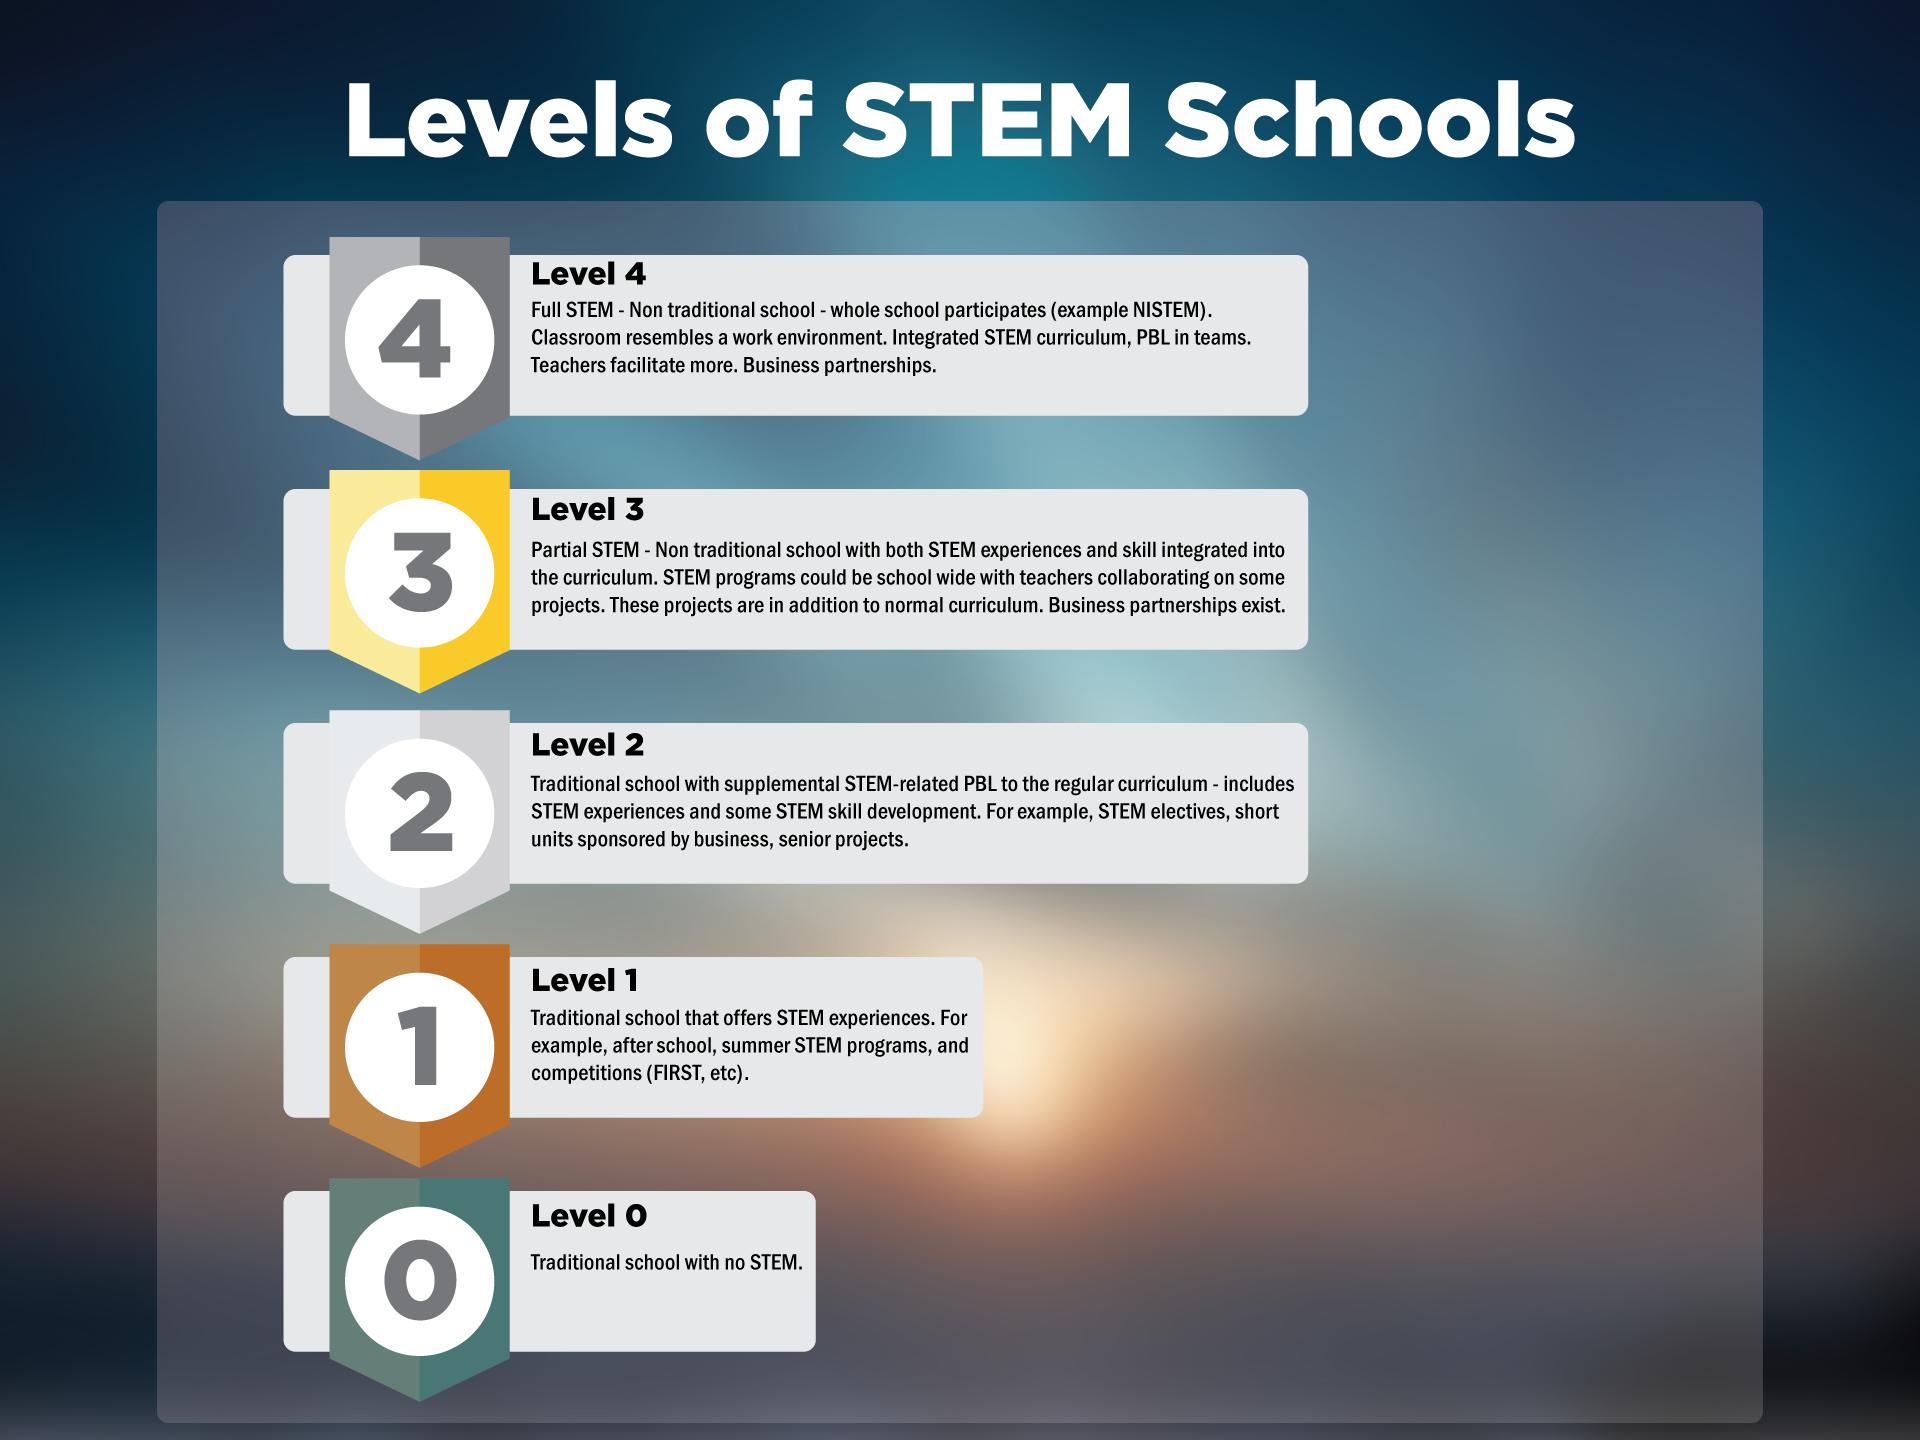 Levels of STEM Schools